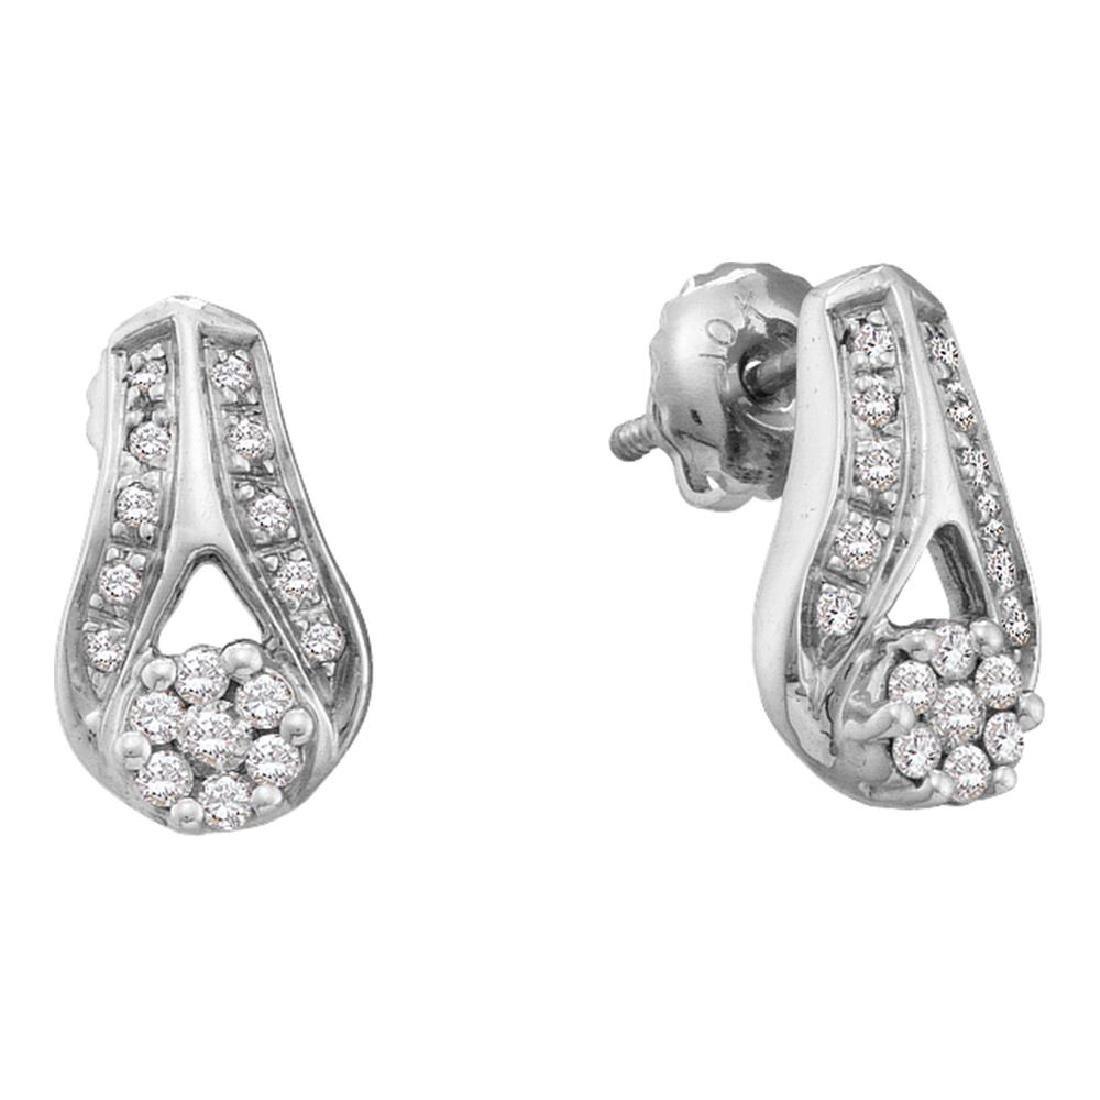 0.25 CTW Diamond Flower Teardrop Earrings 14KT White